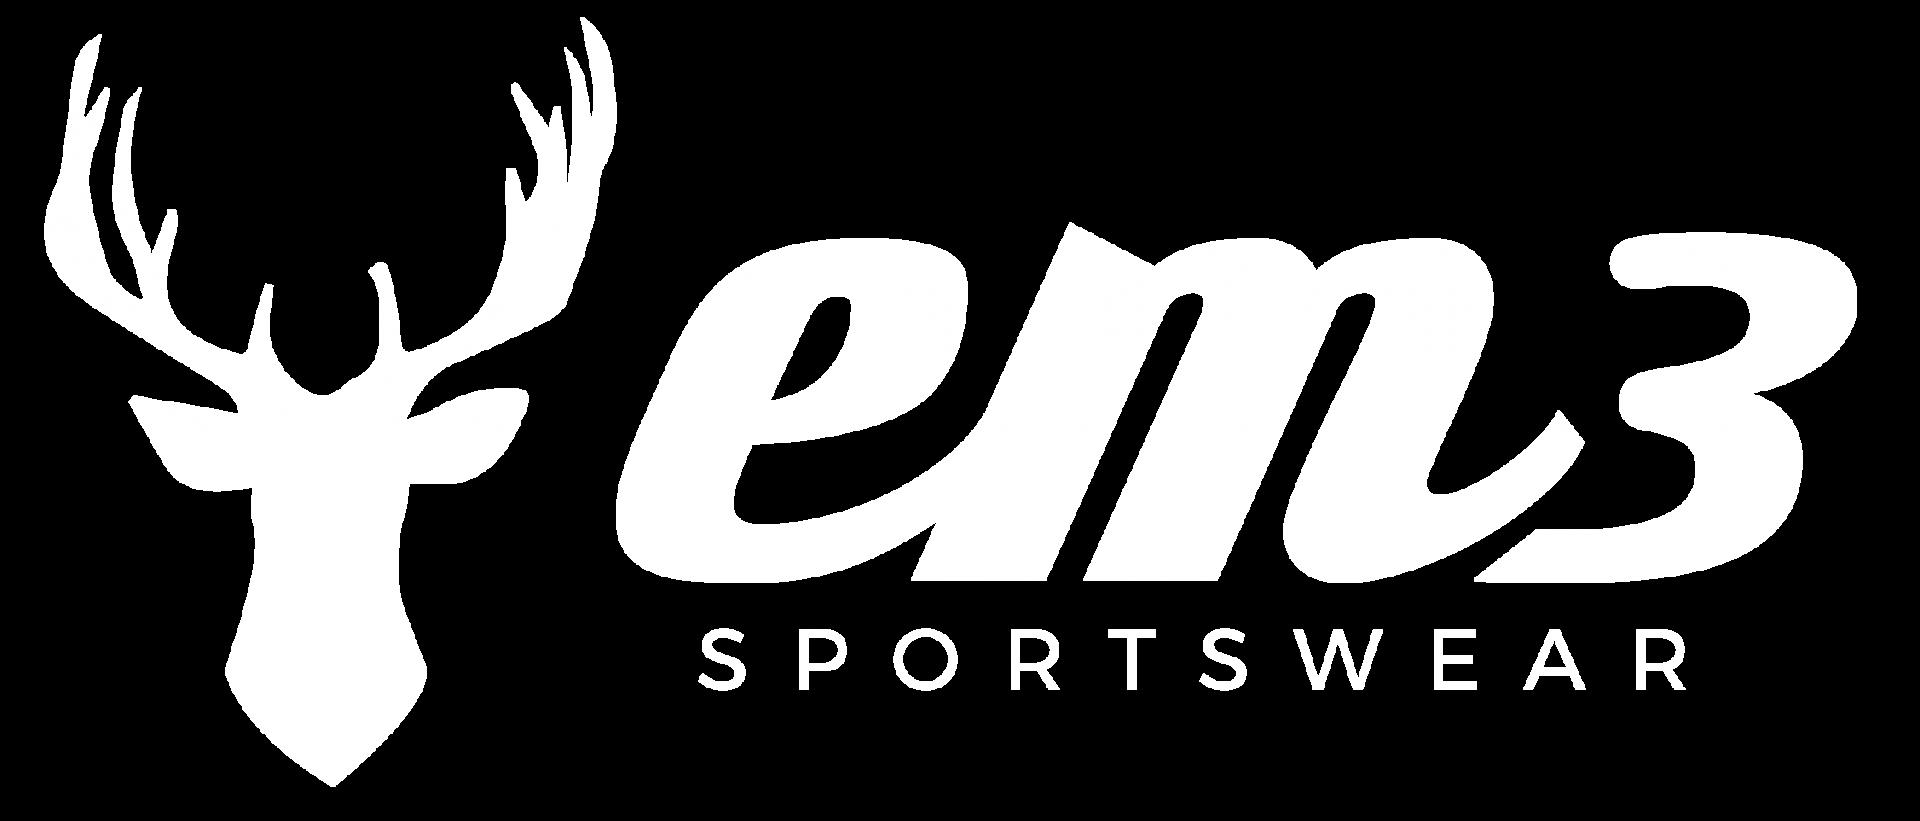 EM3 Sportswear Online Store